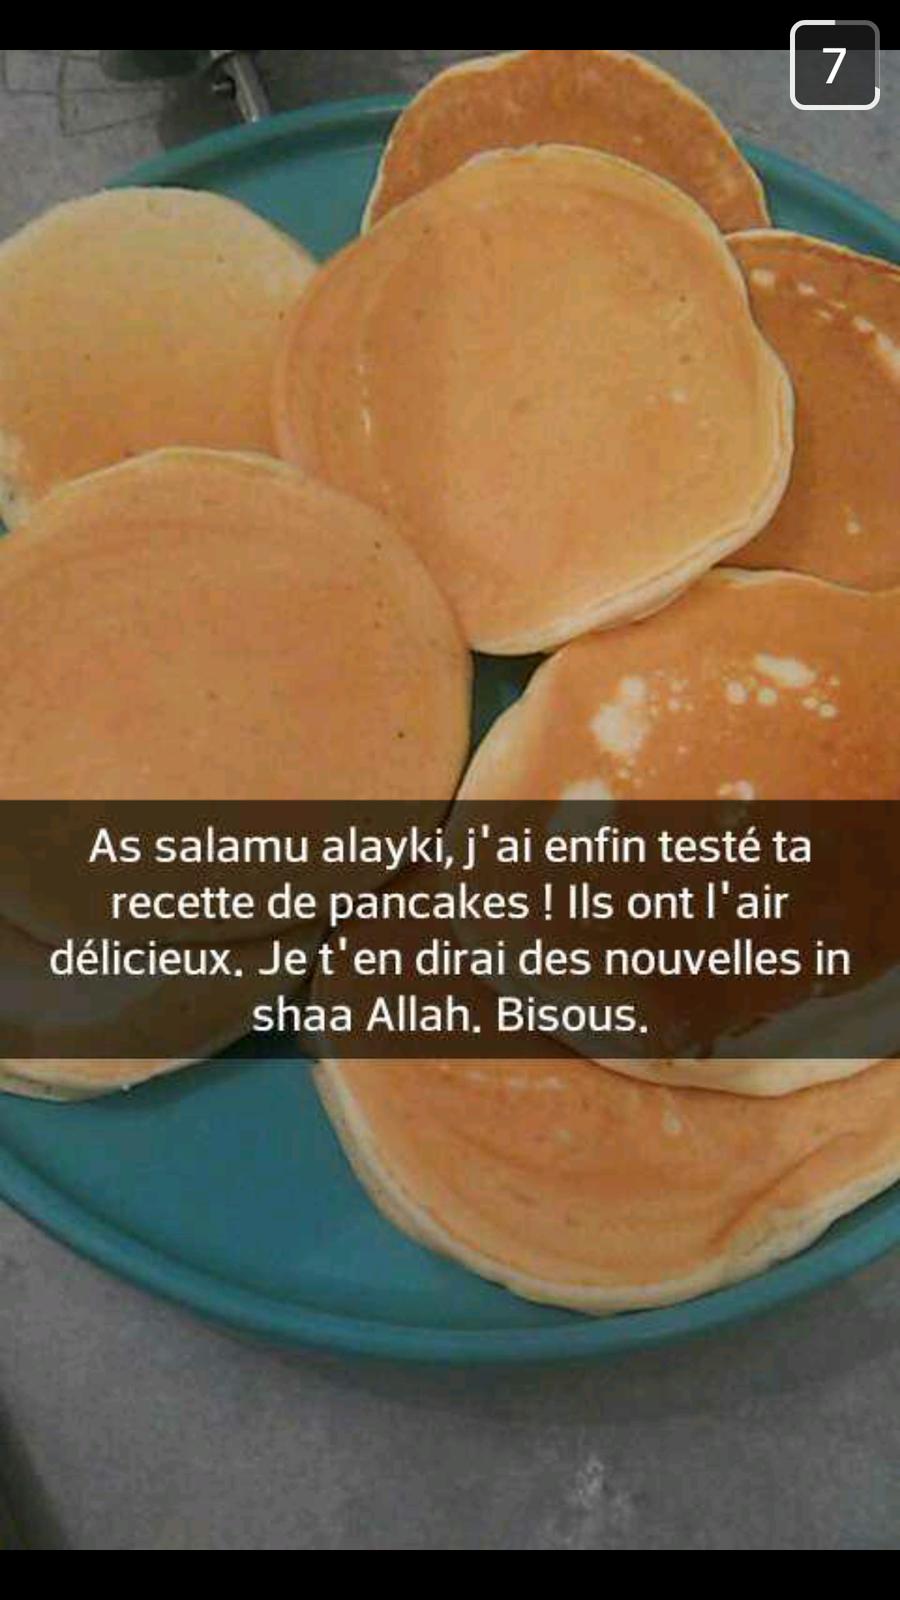 http://www.lesdelicesdekenza.com/2017/03/pancake-americain.html